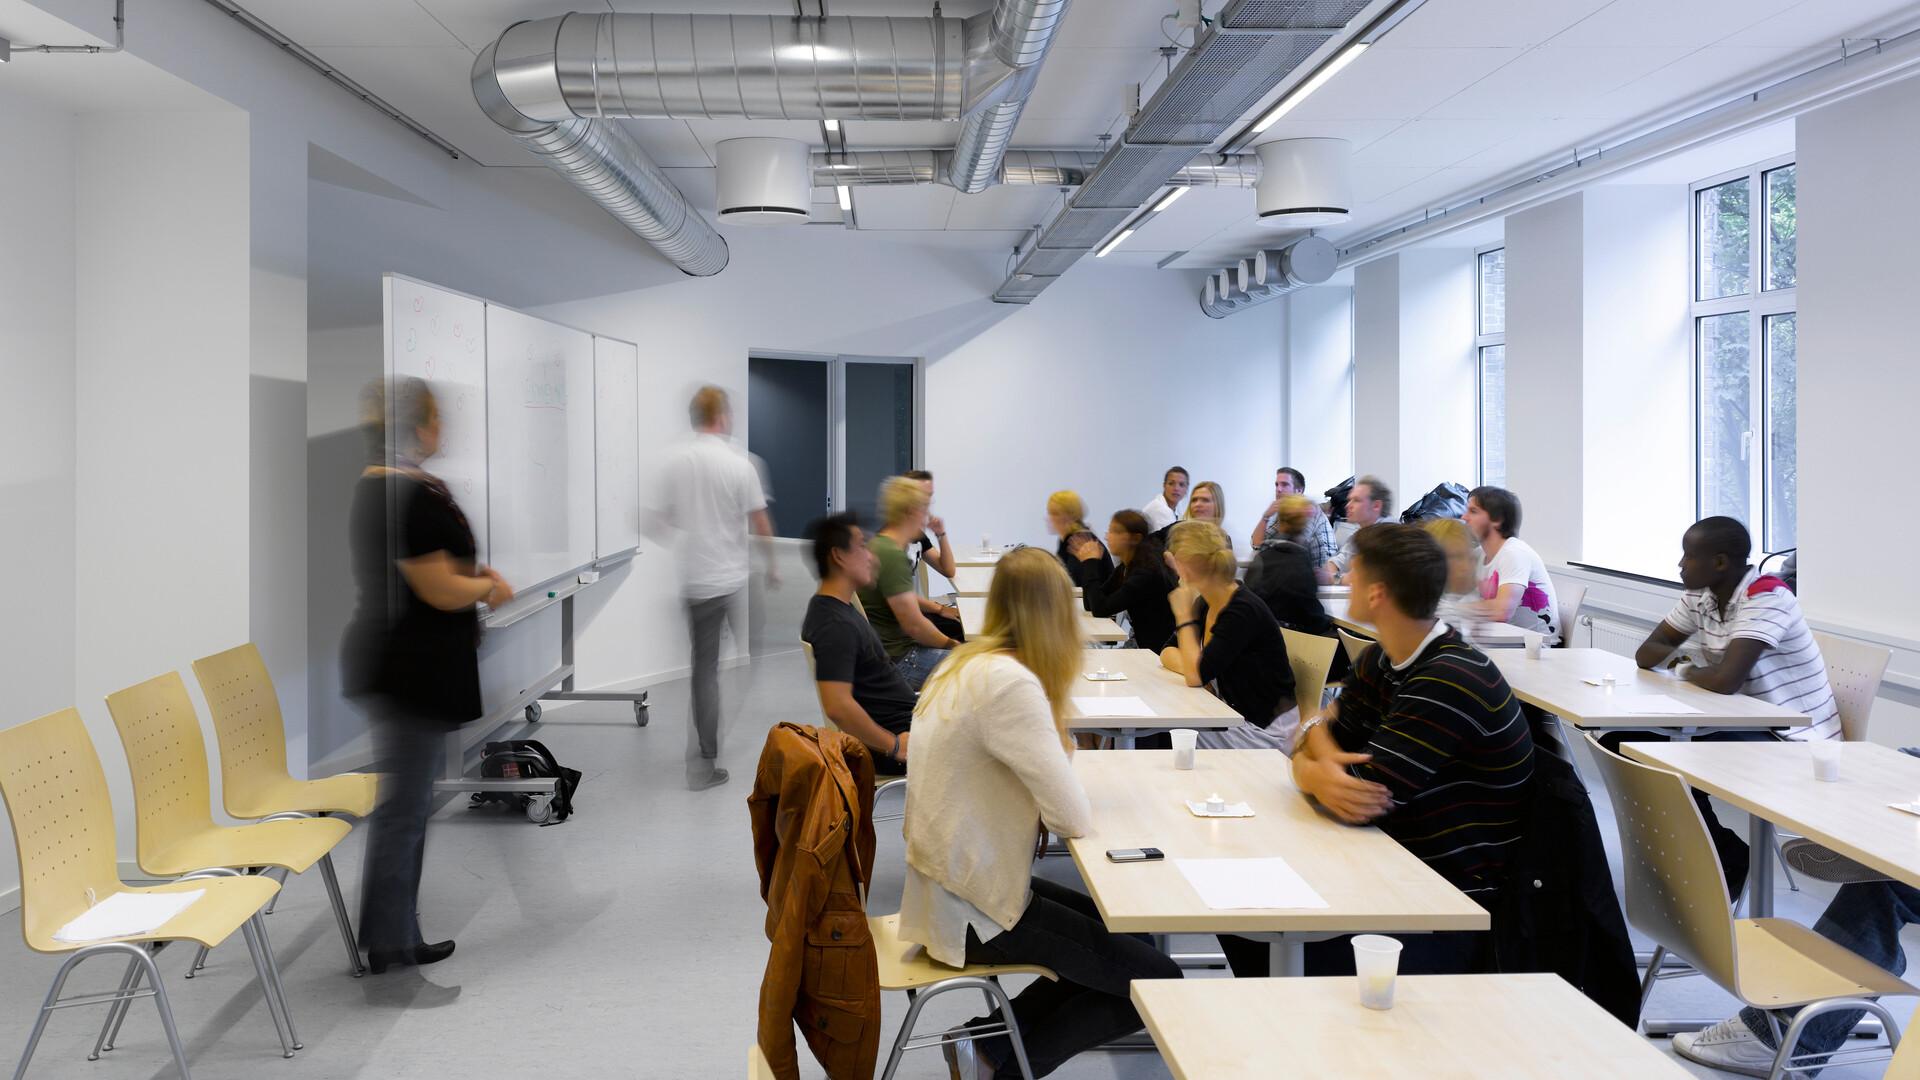 CBS Copenhagen Business School Blågårdsgade, Cosmos, education